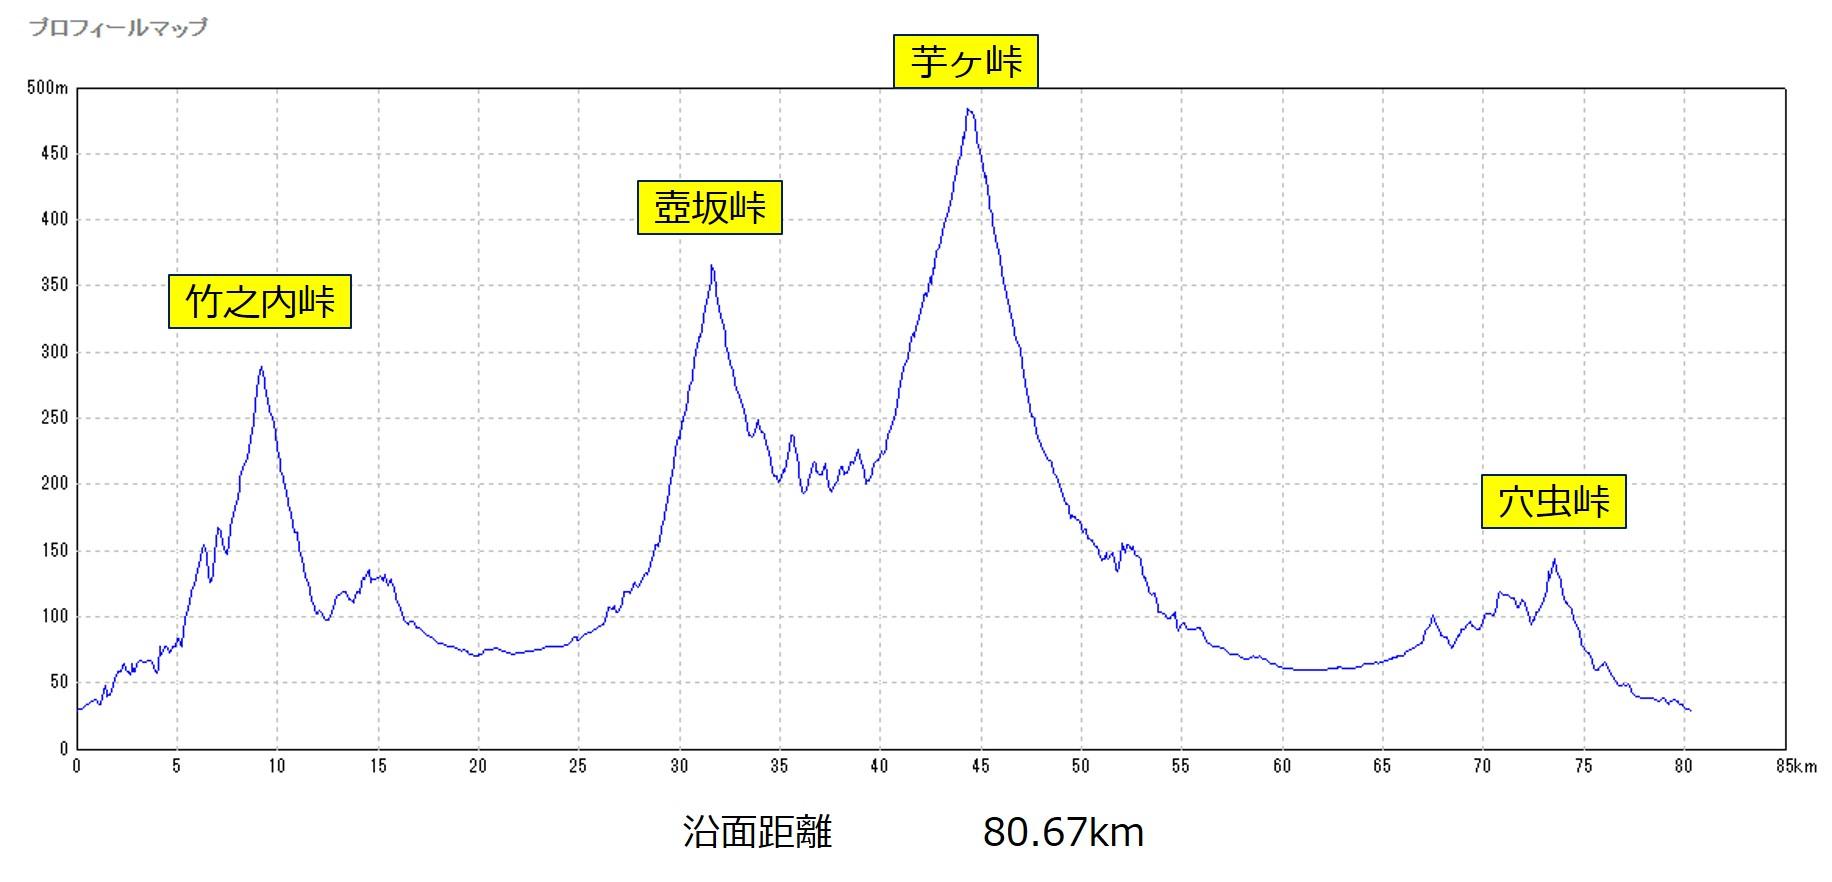 29-013 竹之内峠~壺坂峠~芋ヶ峠 約81kmのコースプロフィール